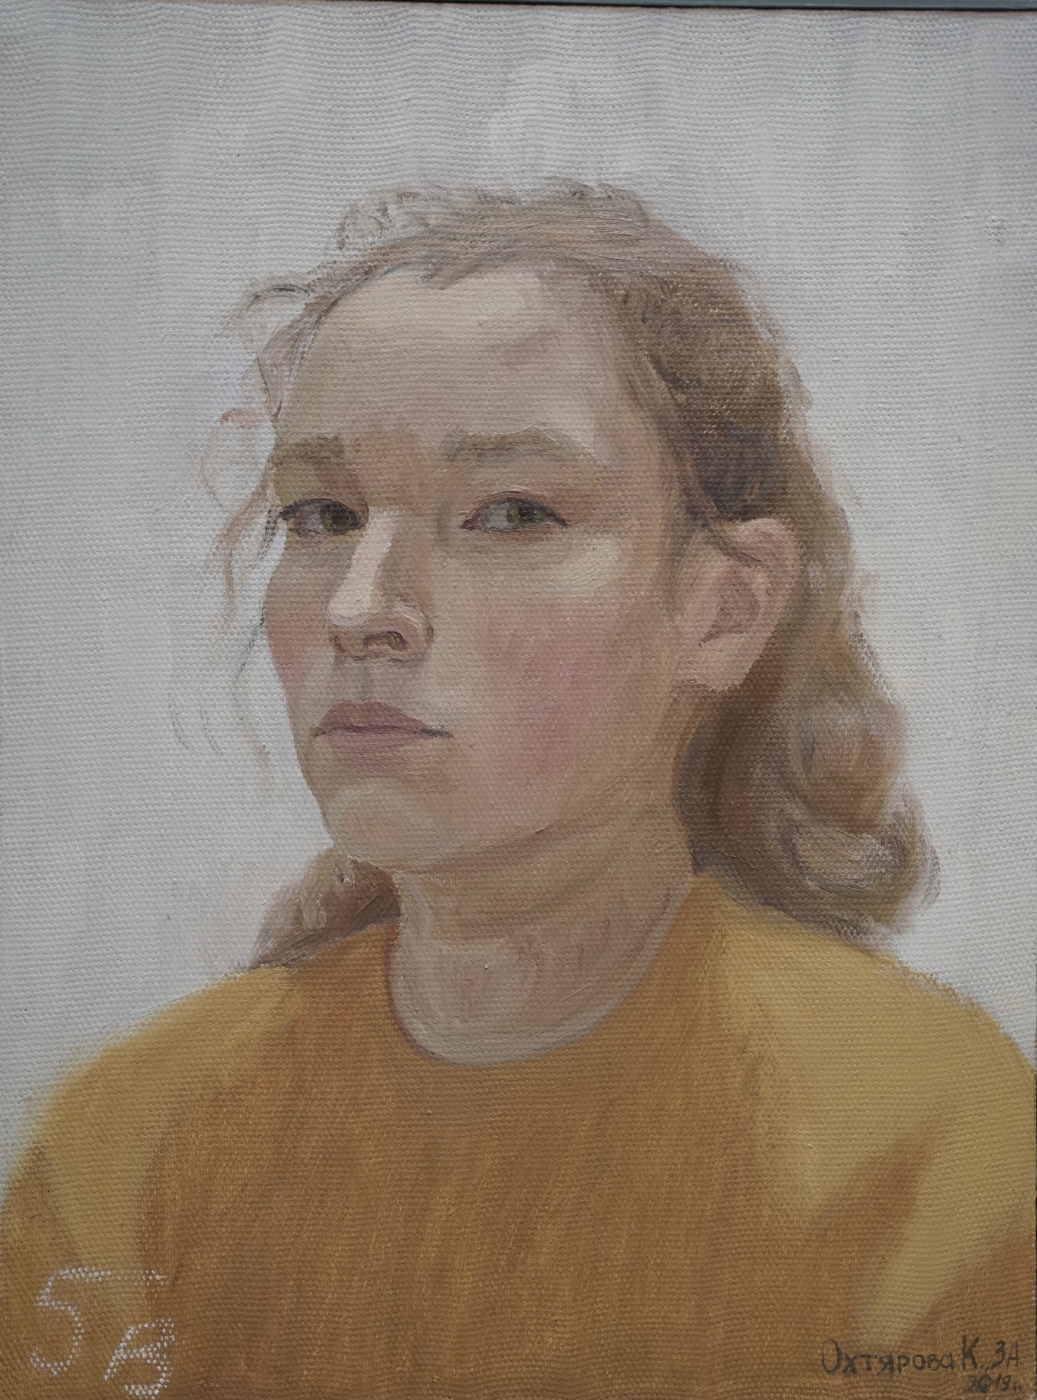 Ksenia Okhtyarova. Self-portrait